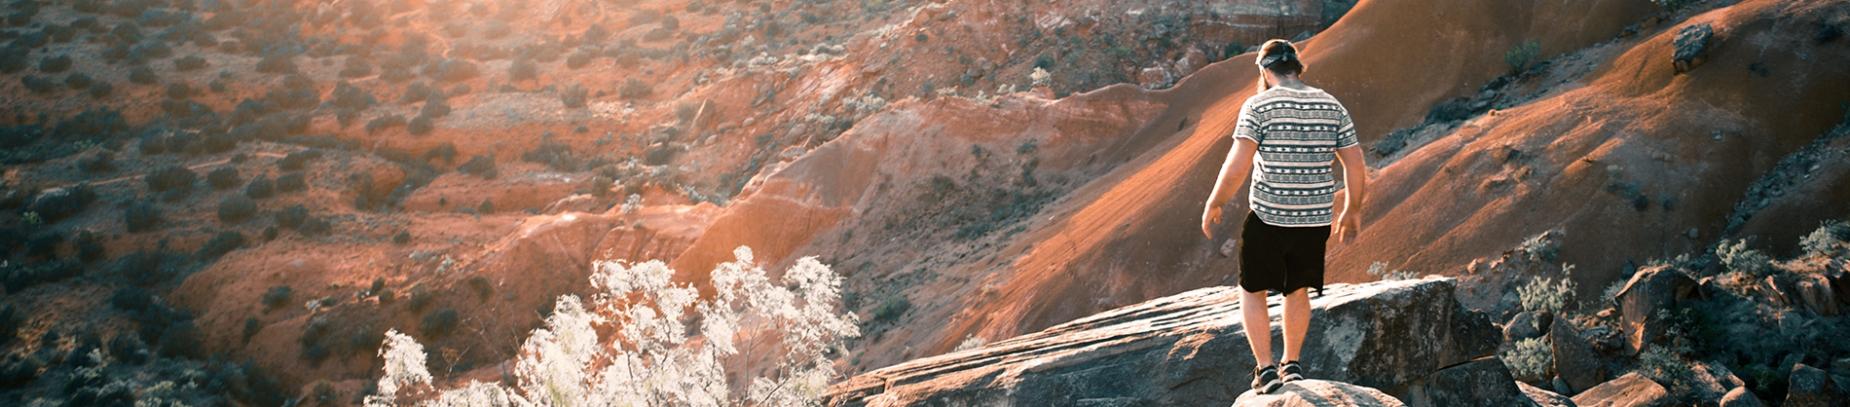 A man climbing over rocks down a hill